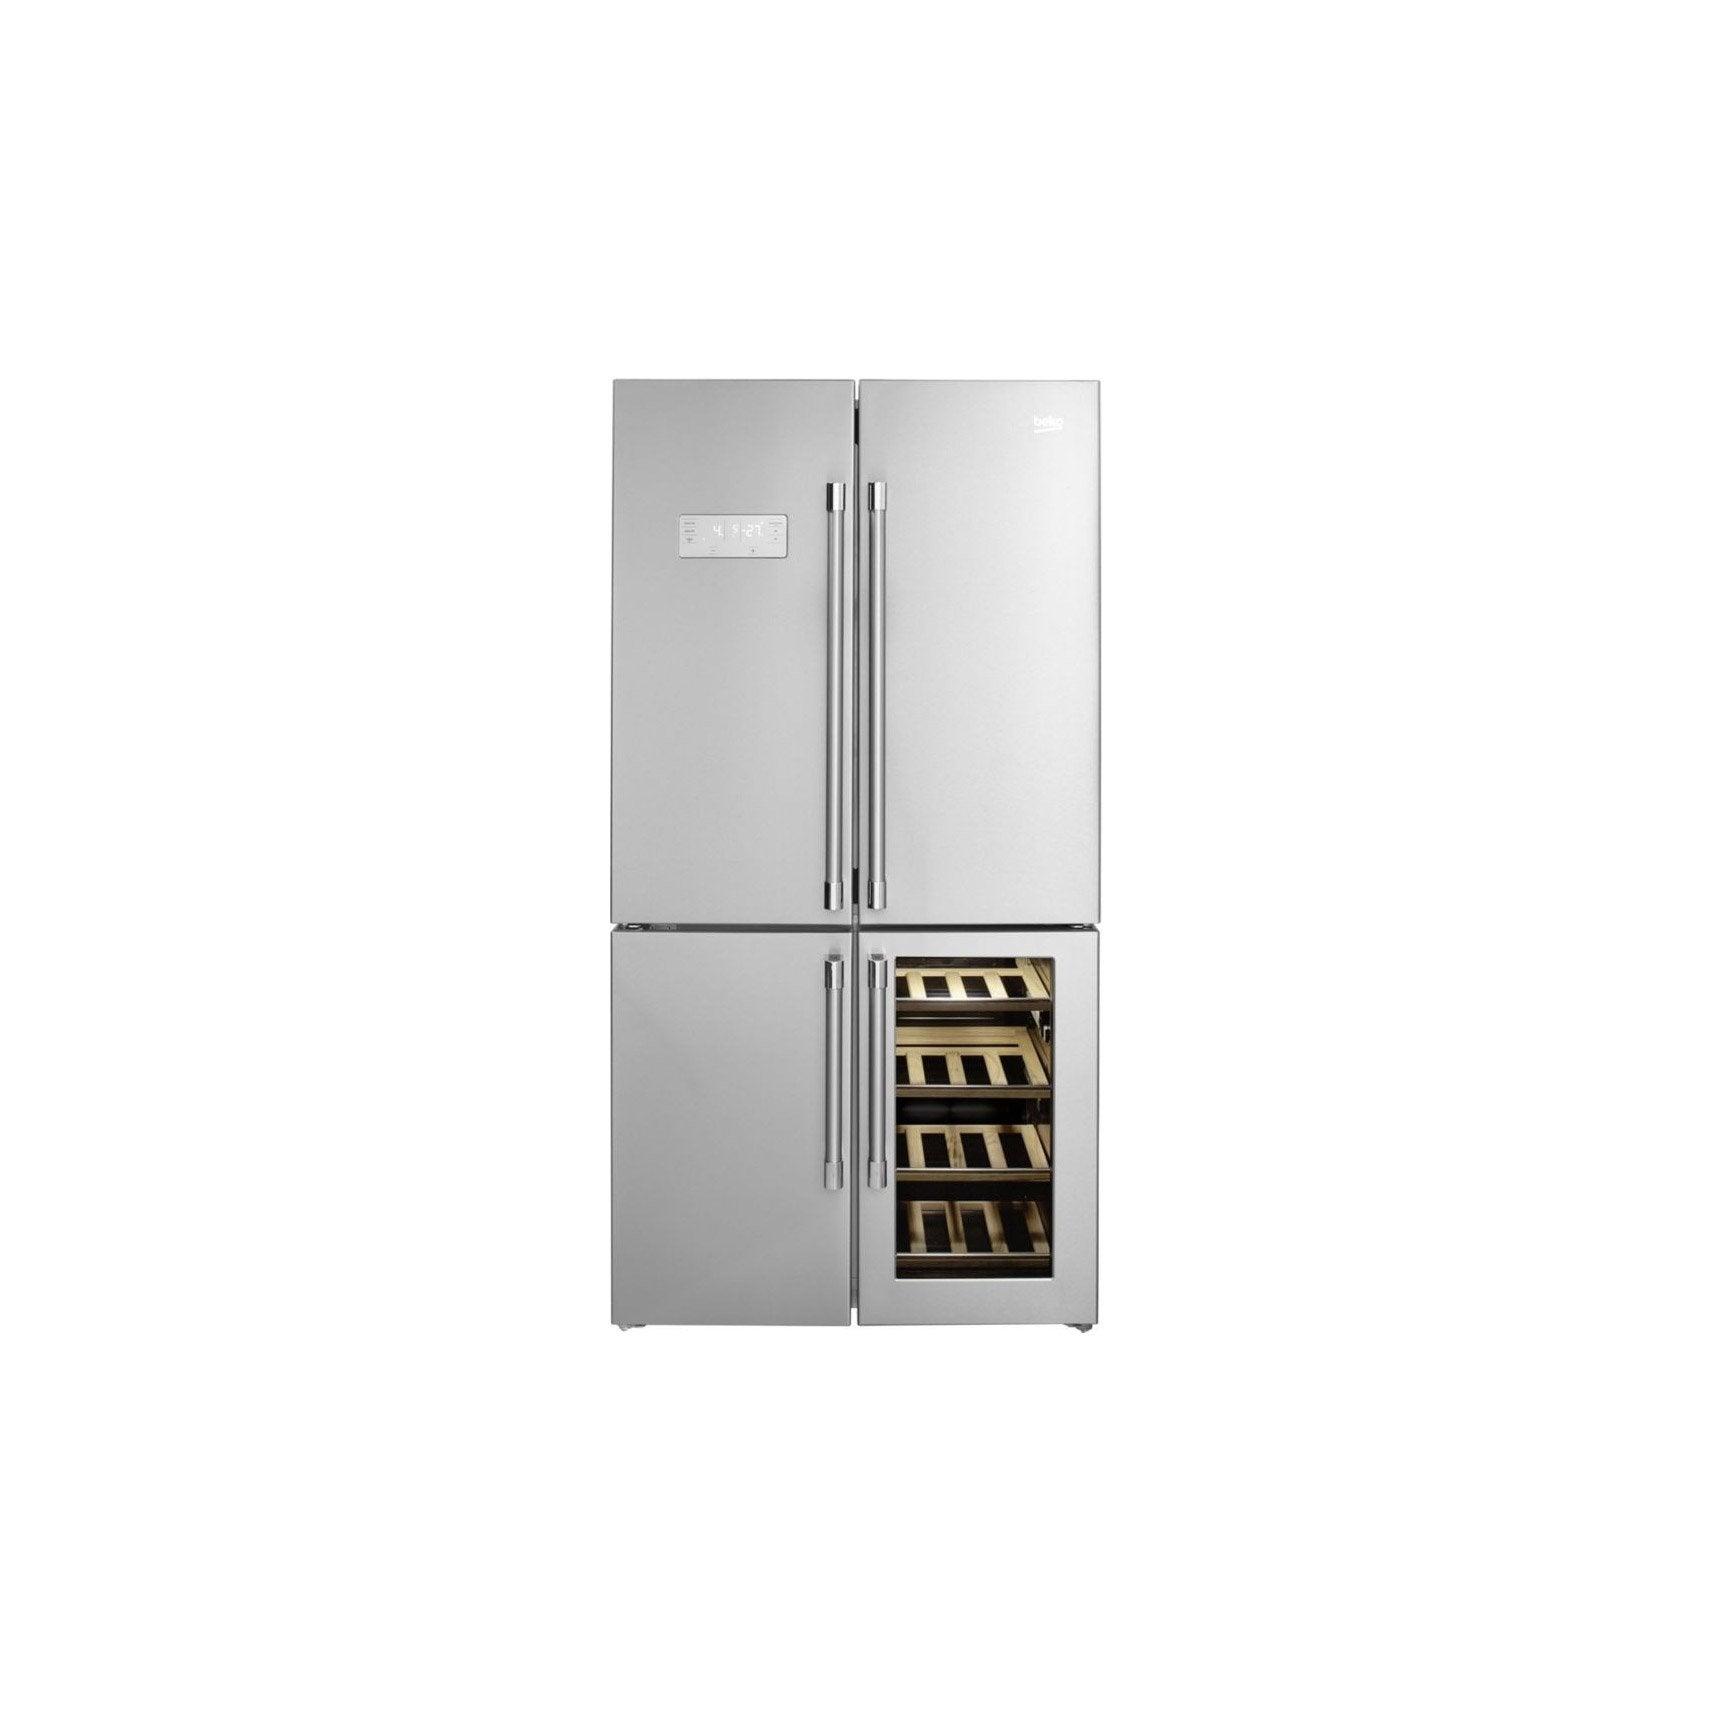 Réfrigérateurs, Congélateurs Indesit Compatible Réfrigérateur Frigo Charnière Porte X 2